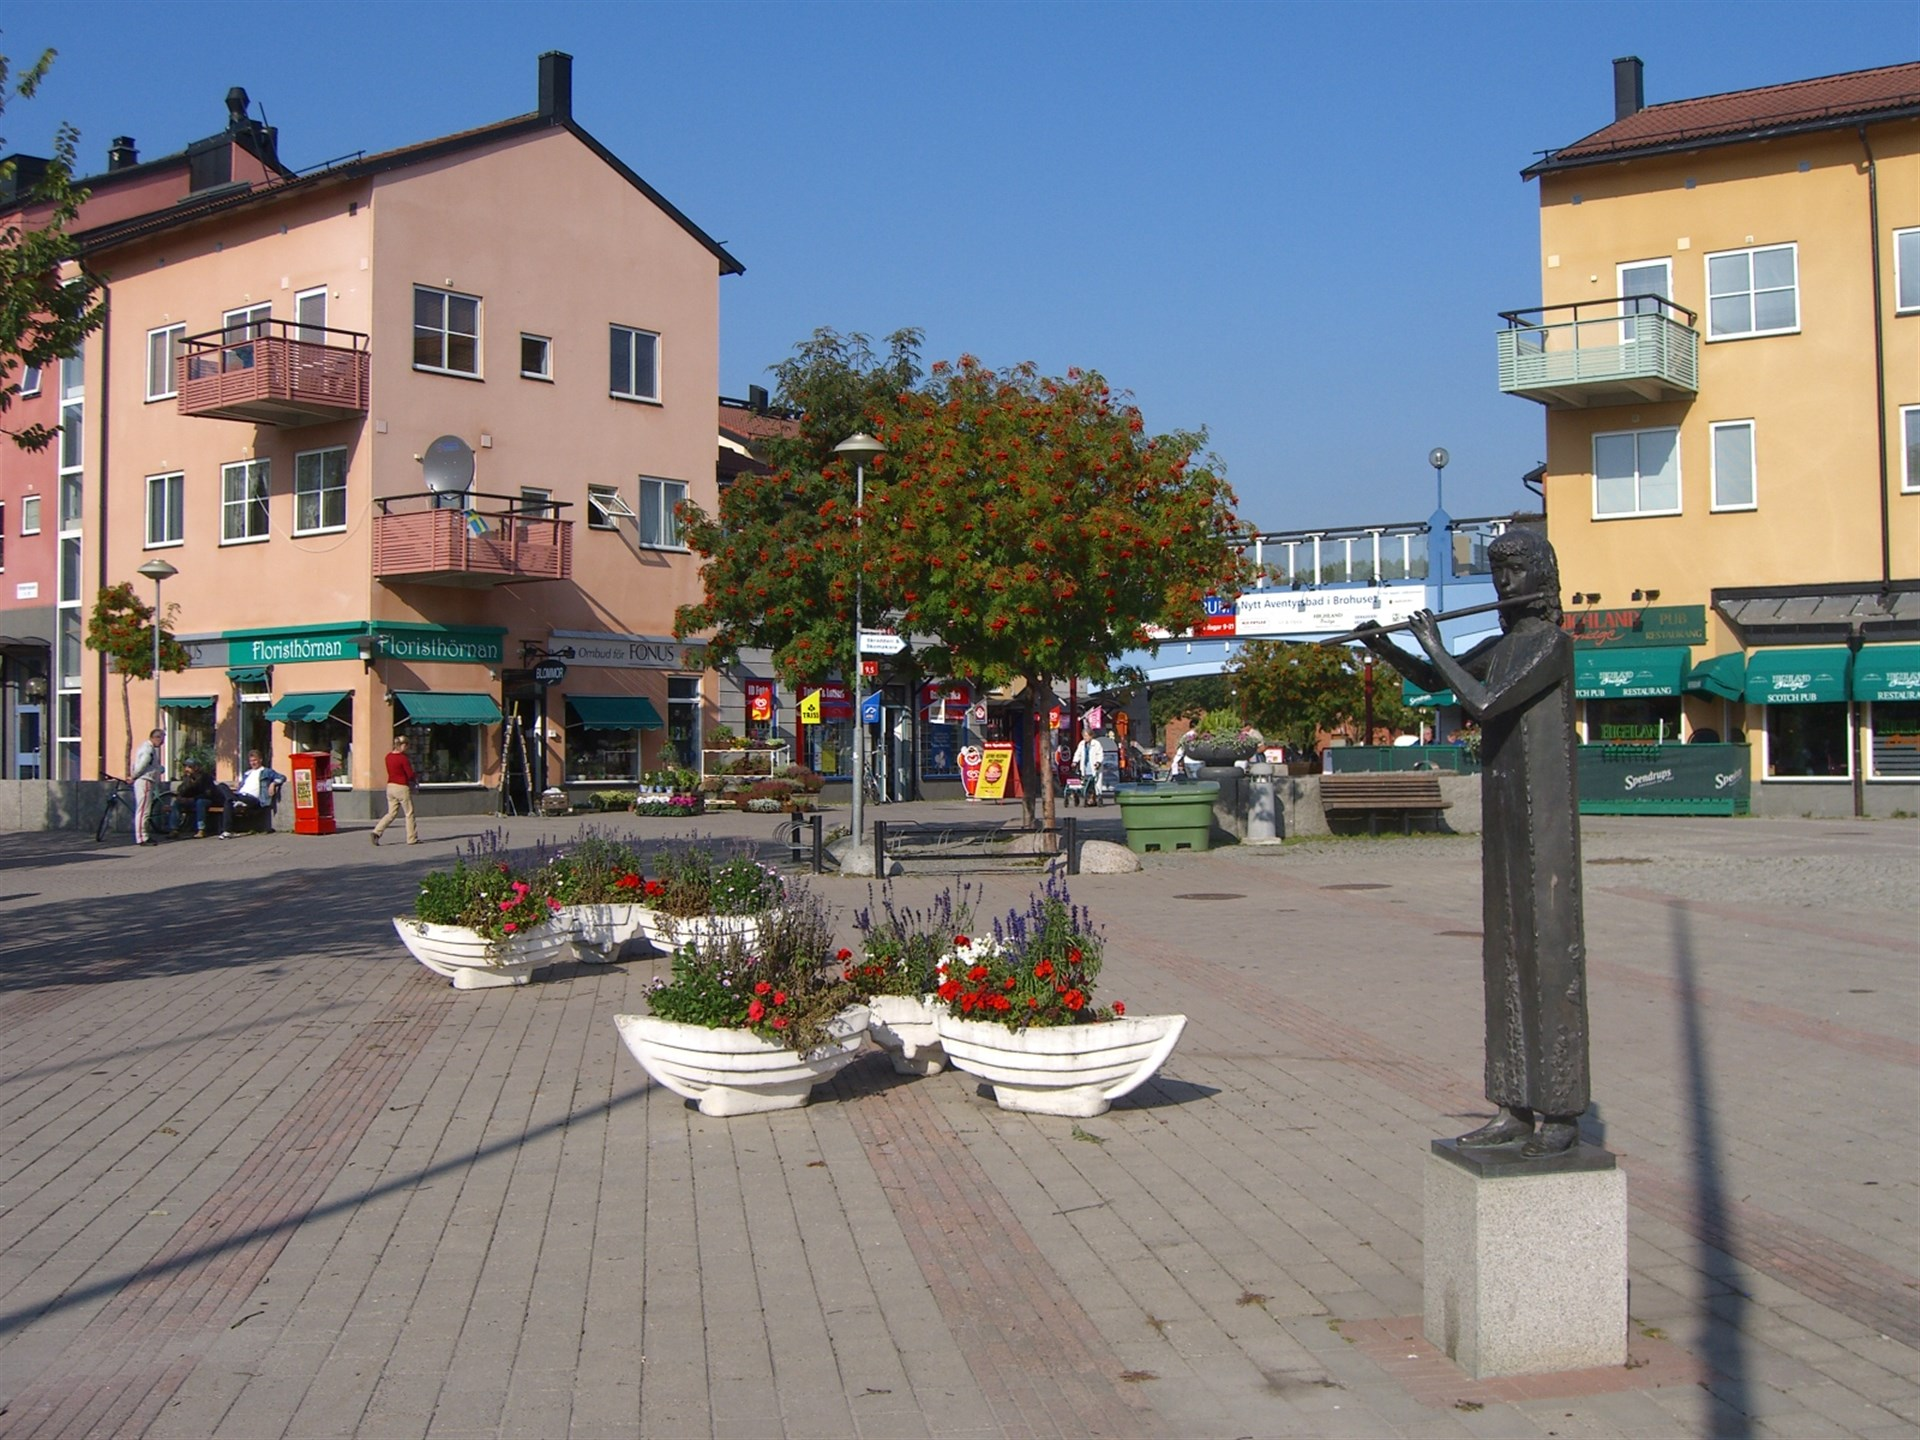 Bro centrum